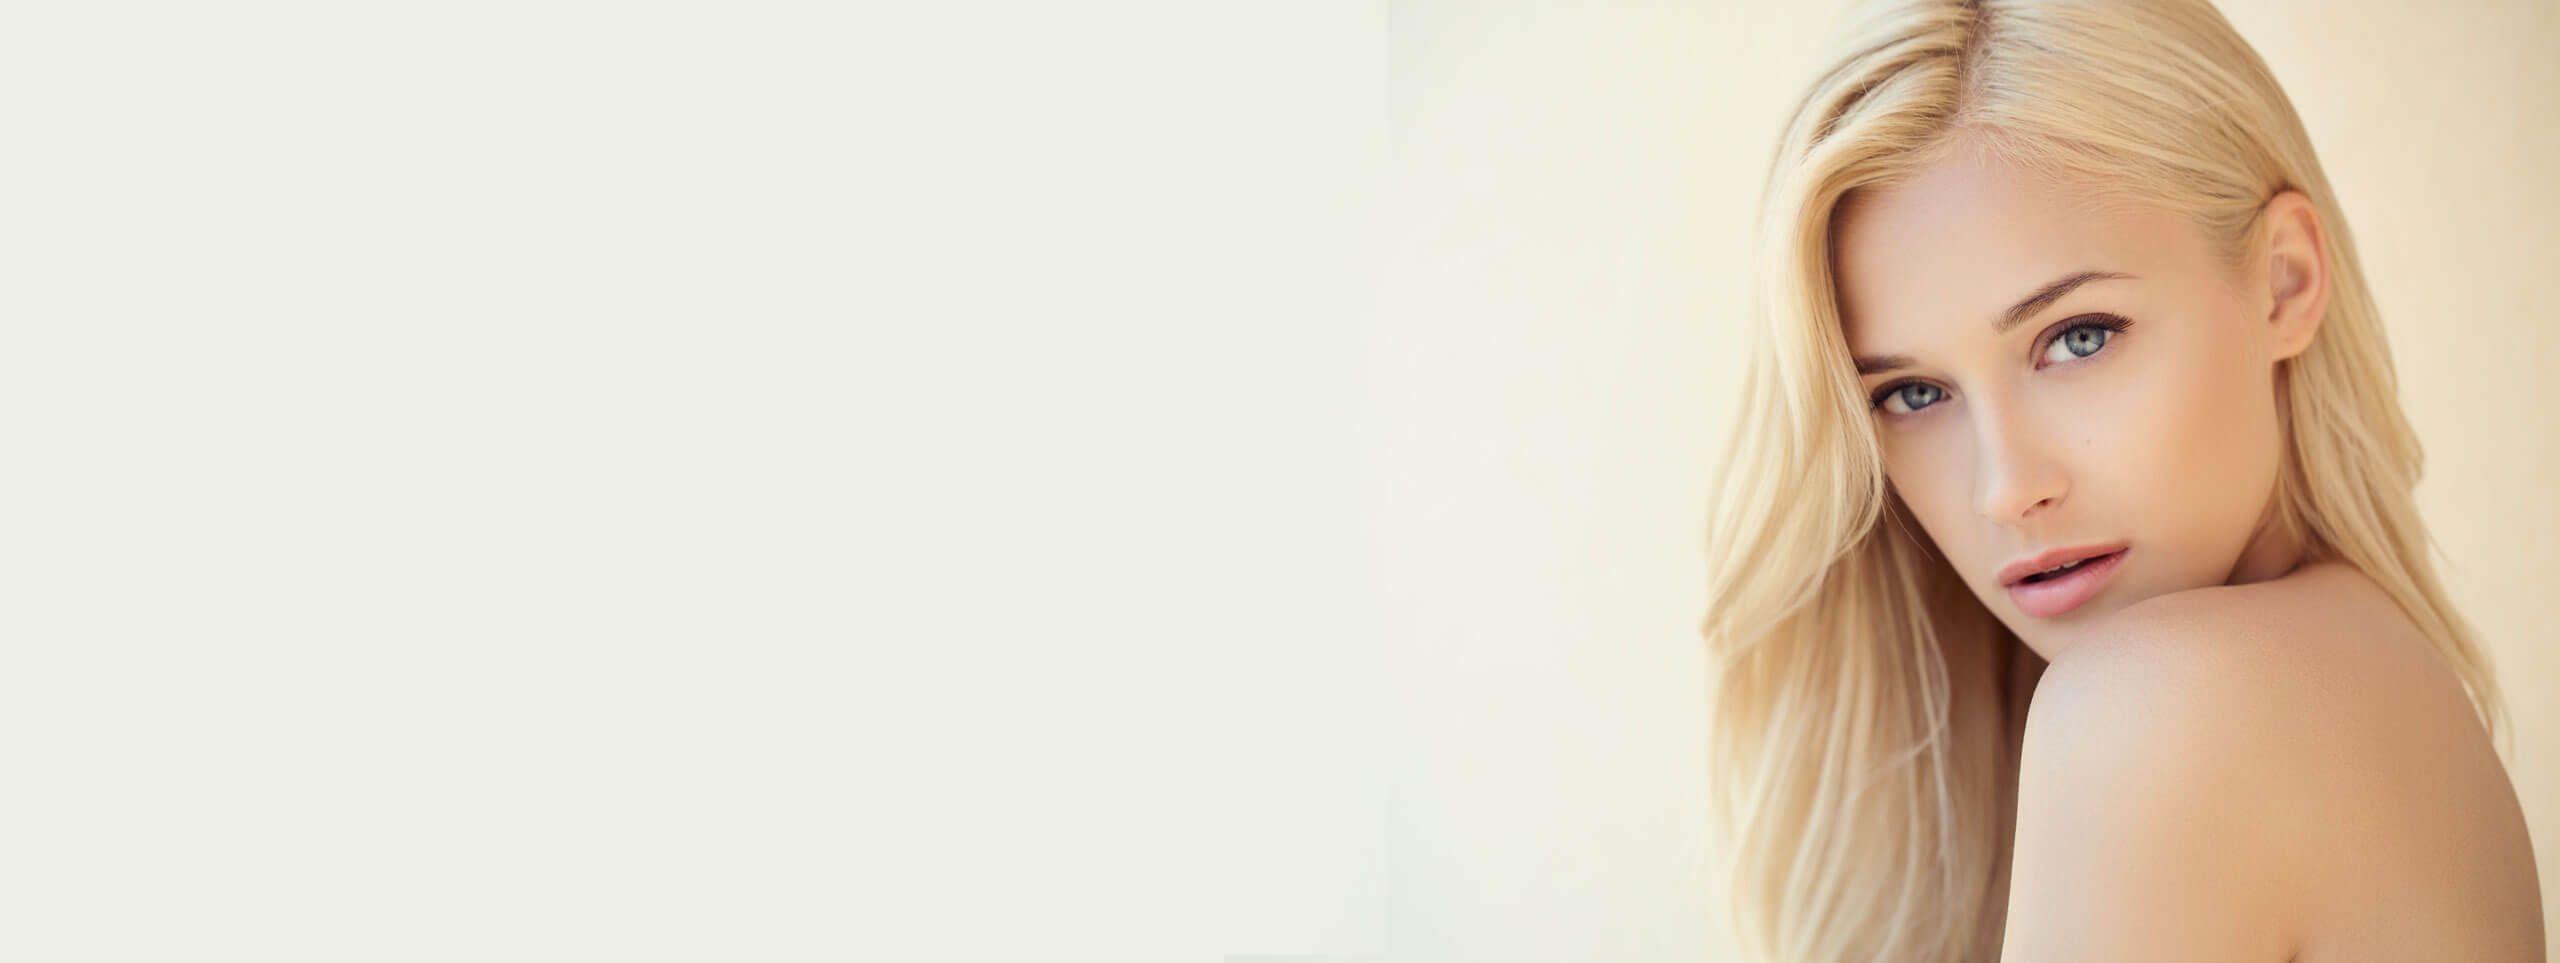 Блондинка с окрашенными волосами